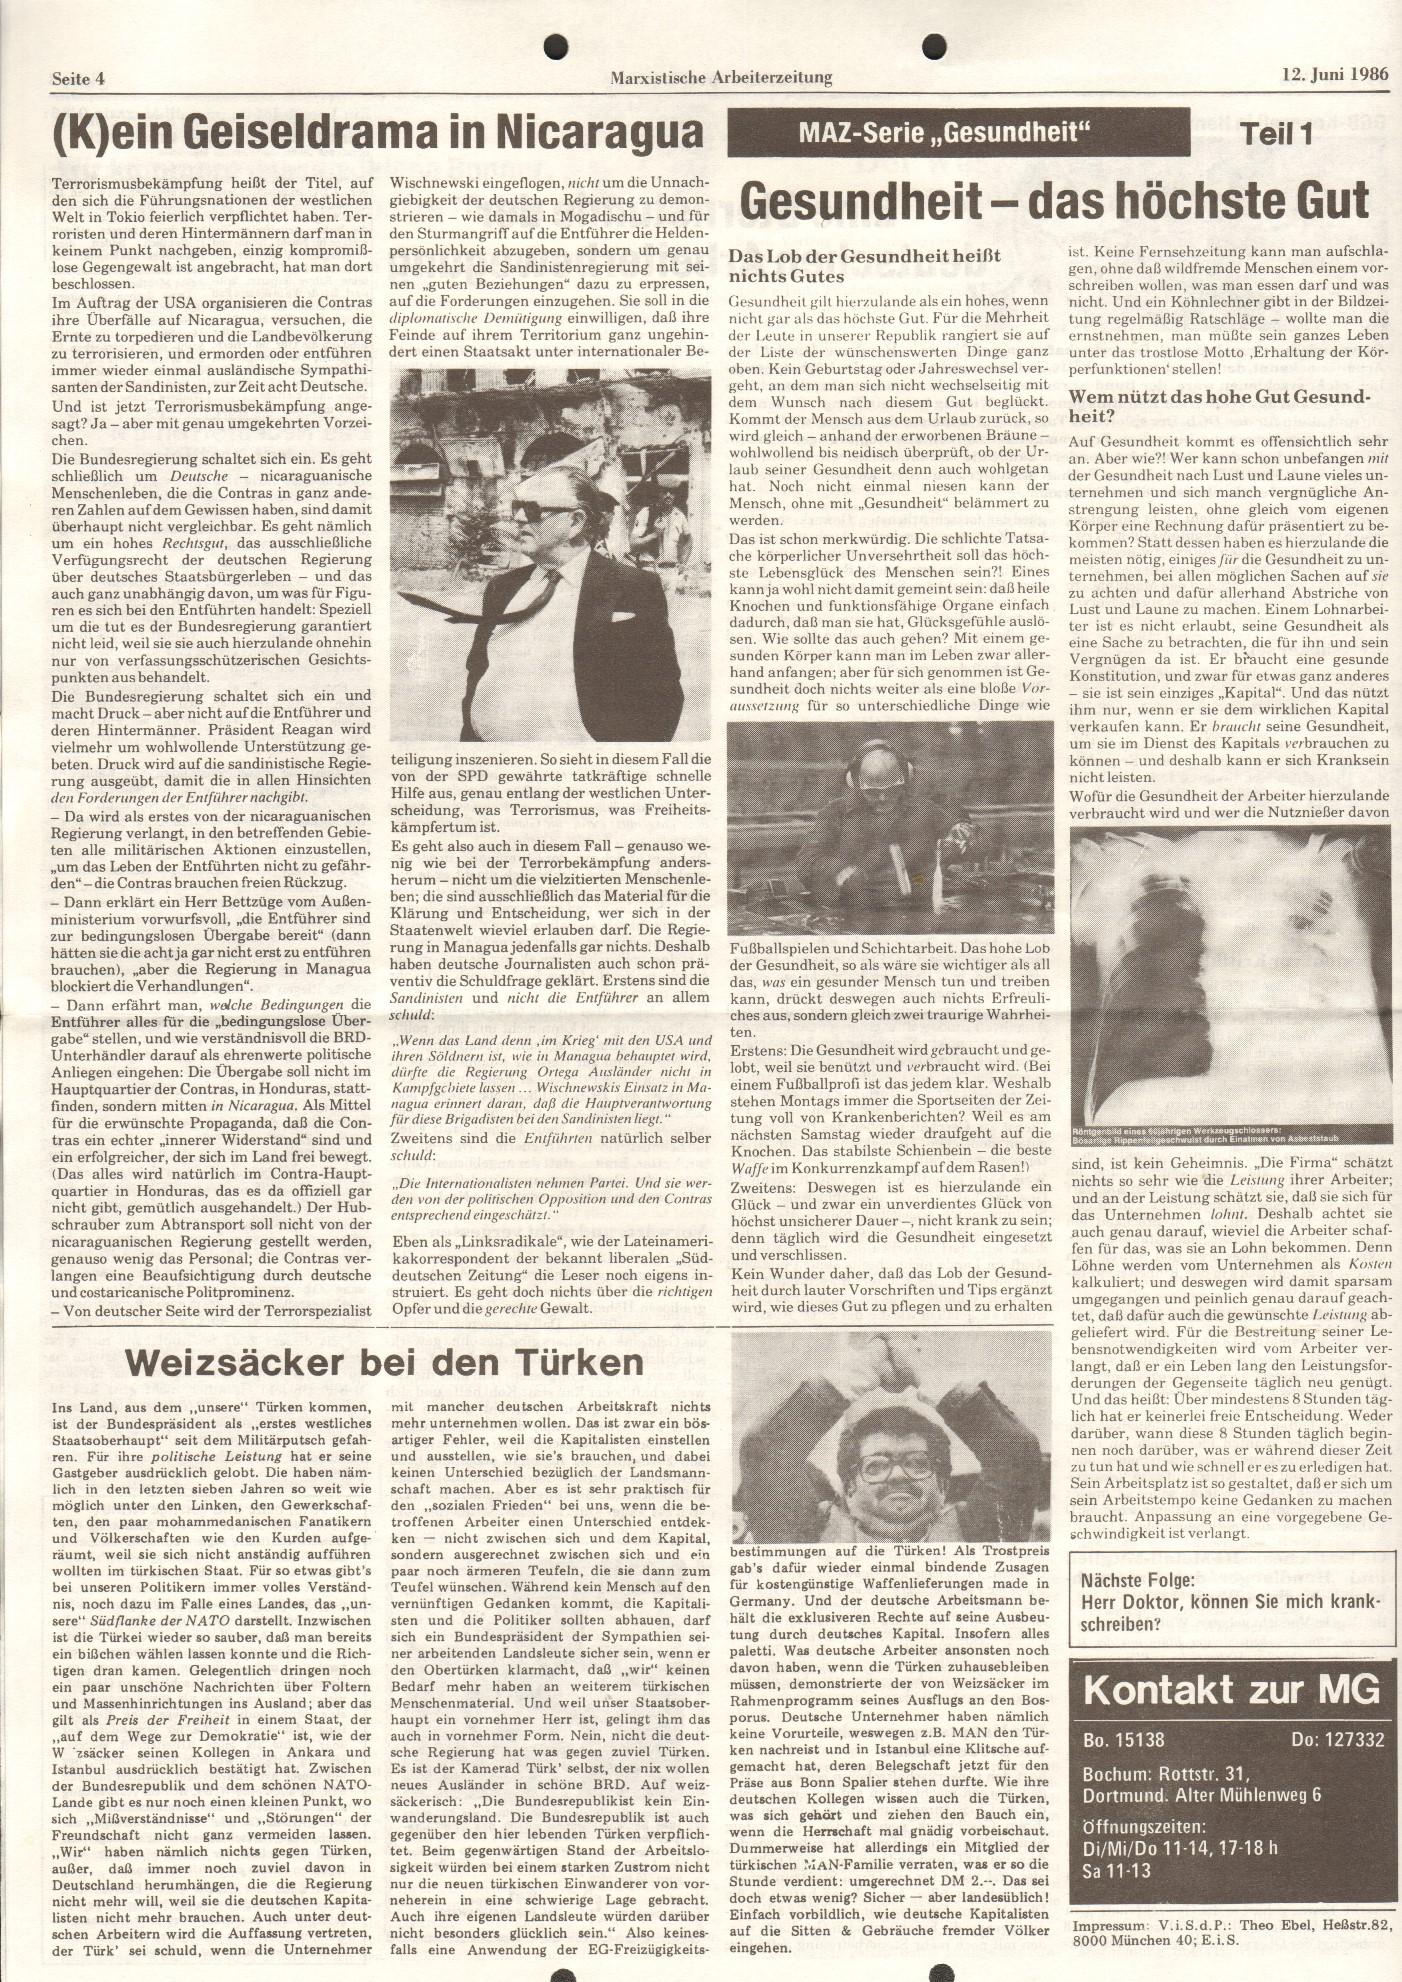 Ruhrgebiet_MG_Marxistische_Arbeiterzeitung_Berufsschule_19860612_04